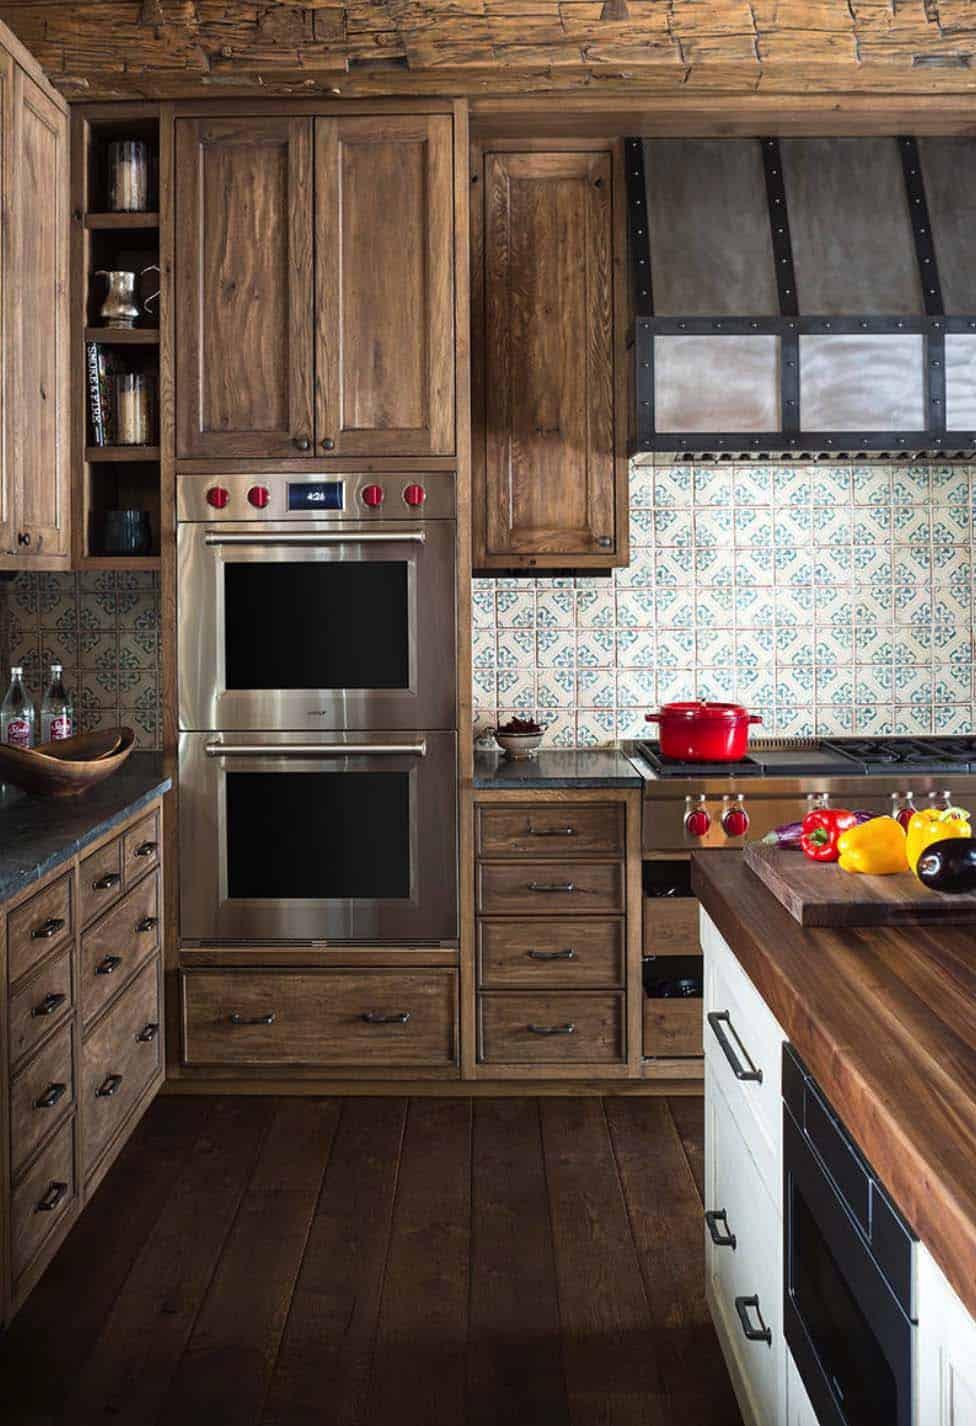 cuisine-maison-rustique-ranch